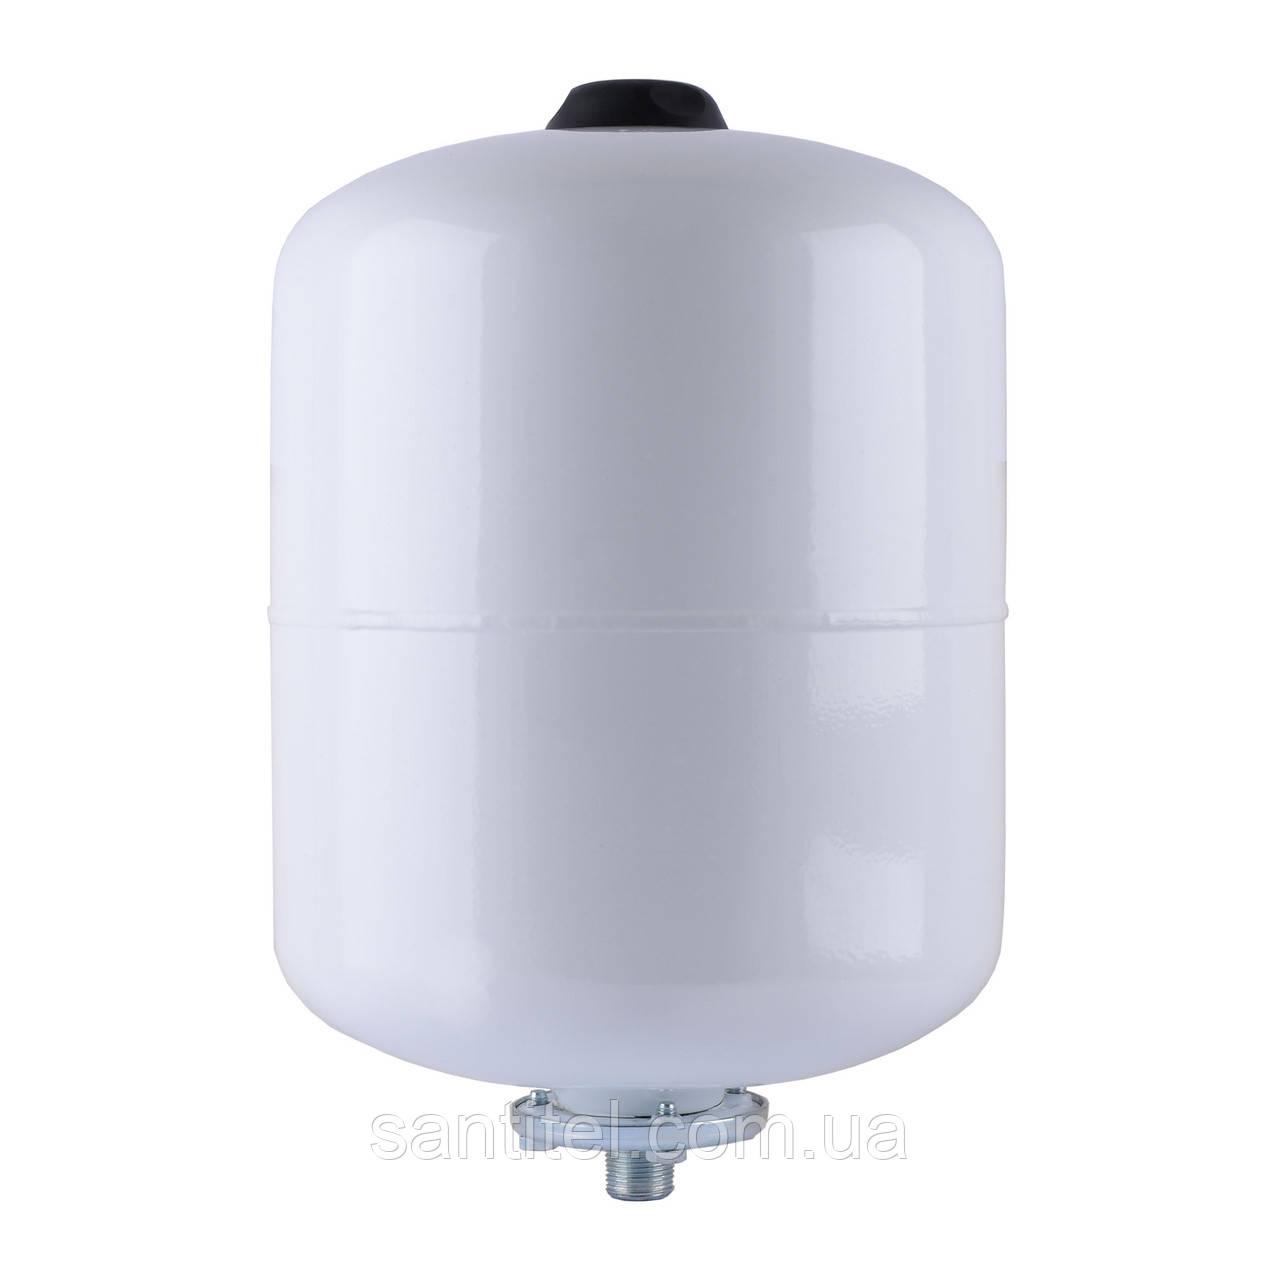 Гидроаккумулятор cо сменной мембраной   24л ZILMET HY-PRO 10bar, белый ( 11H0002400 )